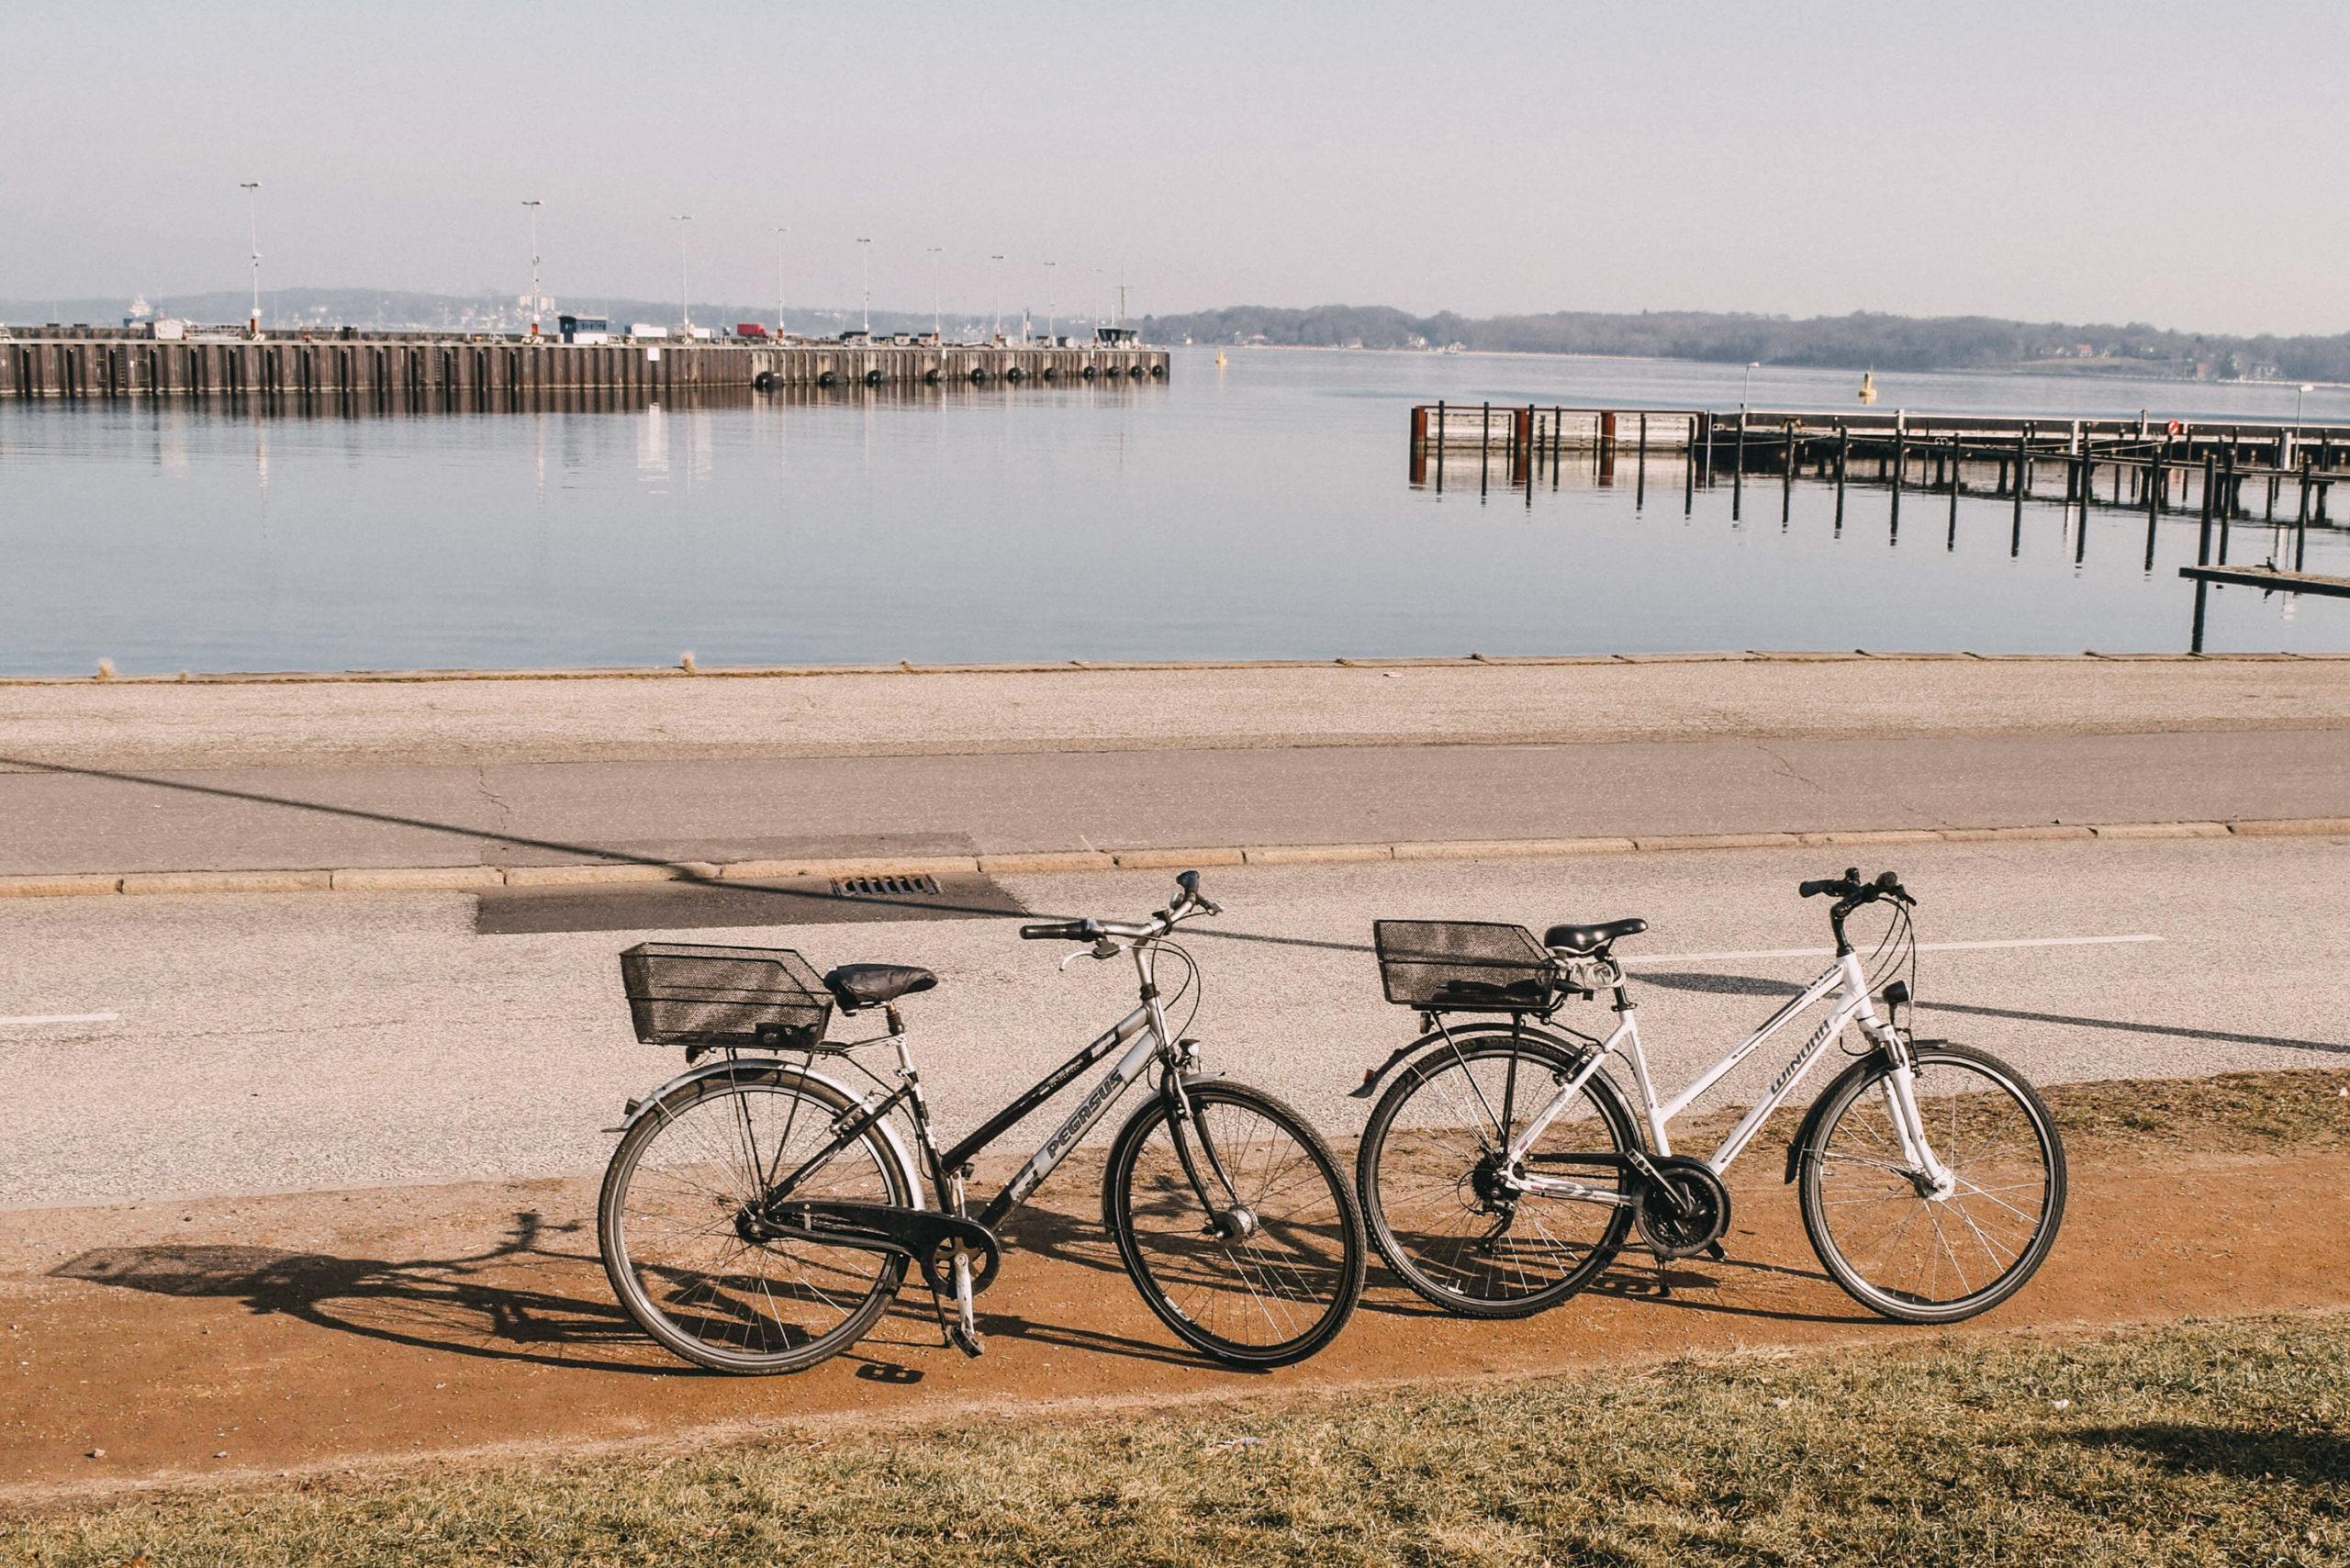 Fahrräder Kiellinie